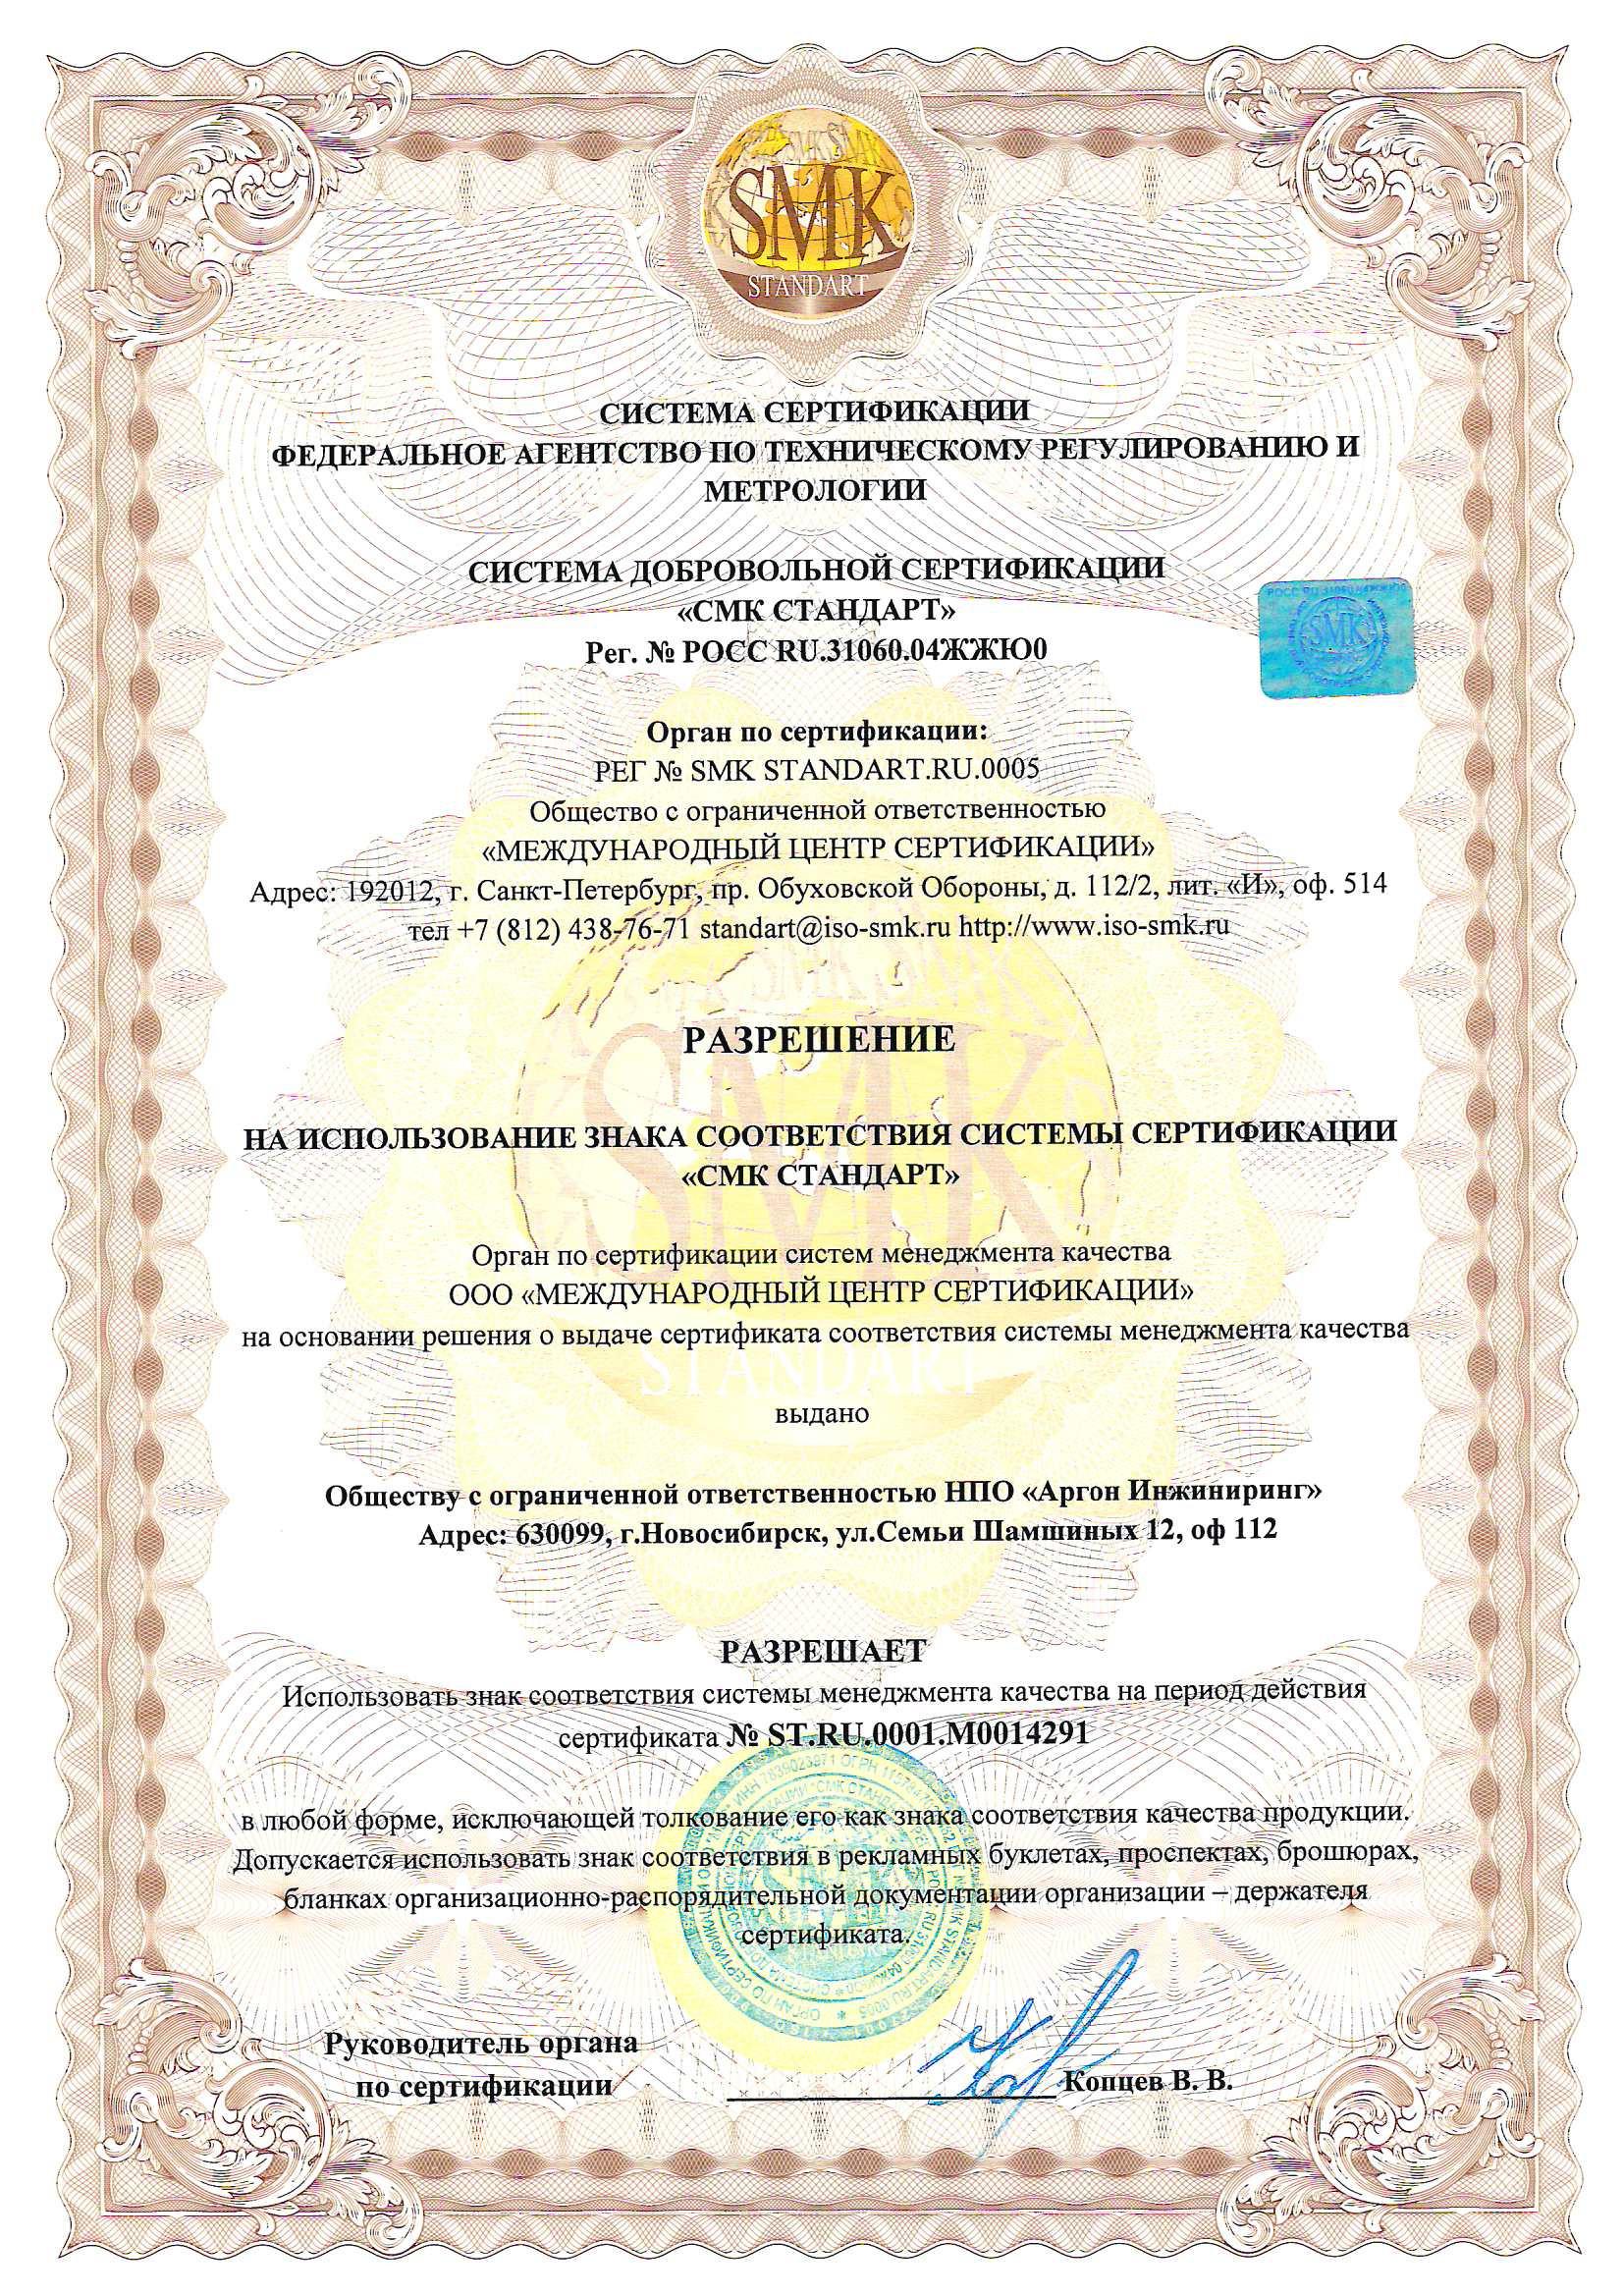 Сертификат менеджмента качества ISO 9001